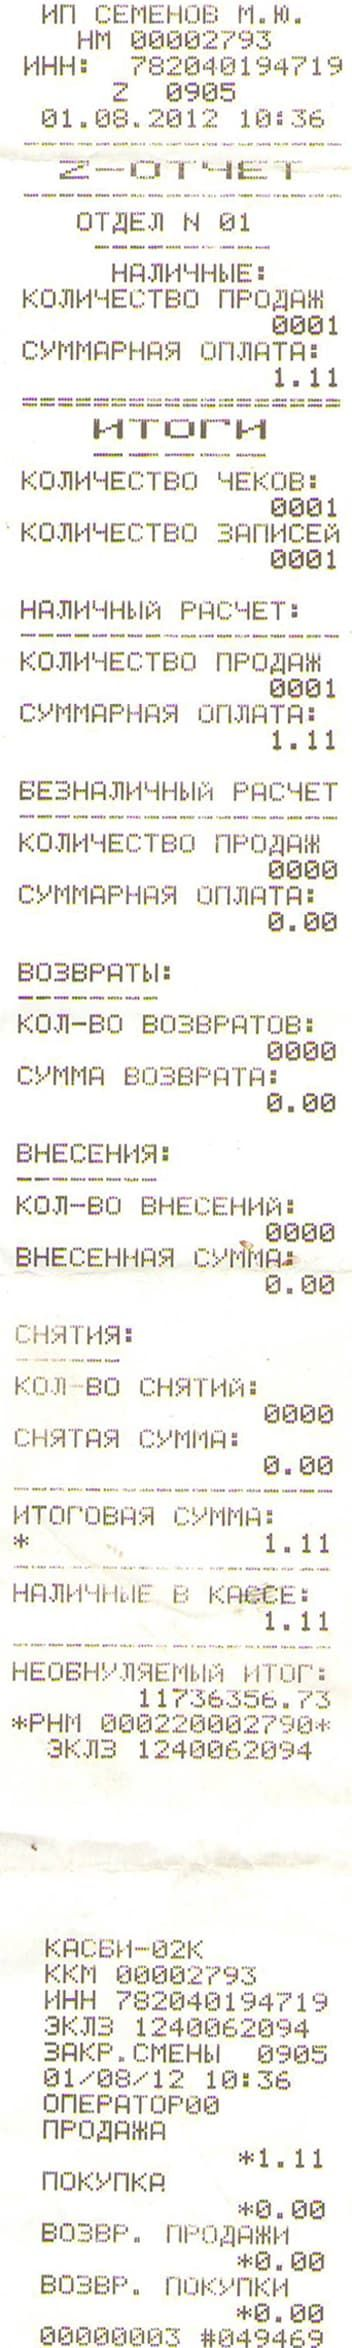 Миника 1102Ф Краткая Инструкция - spiritofblood